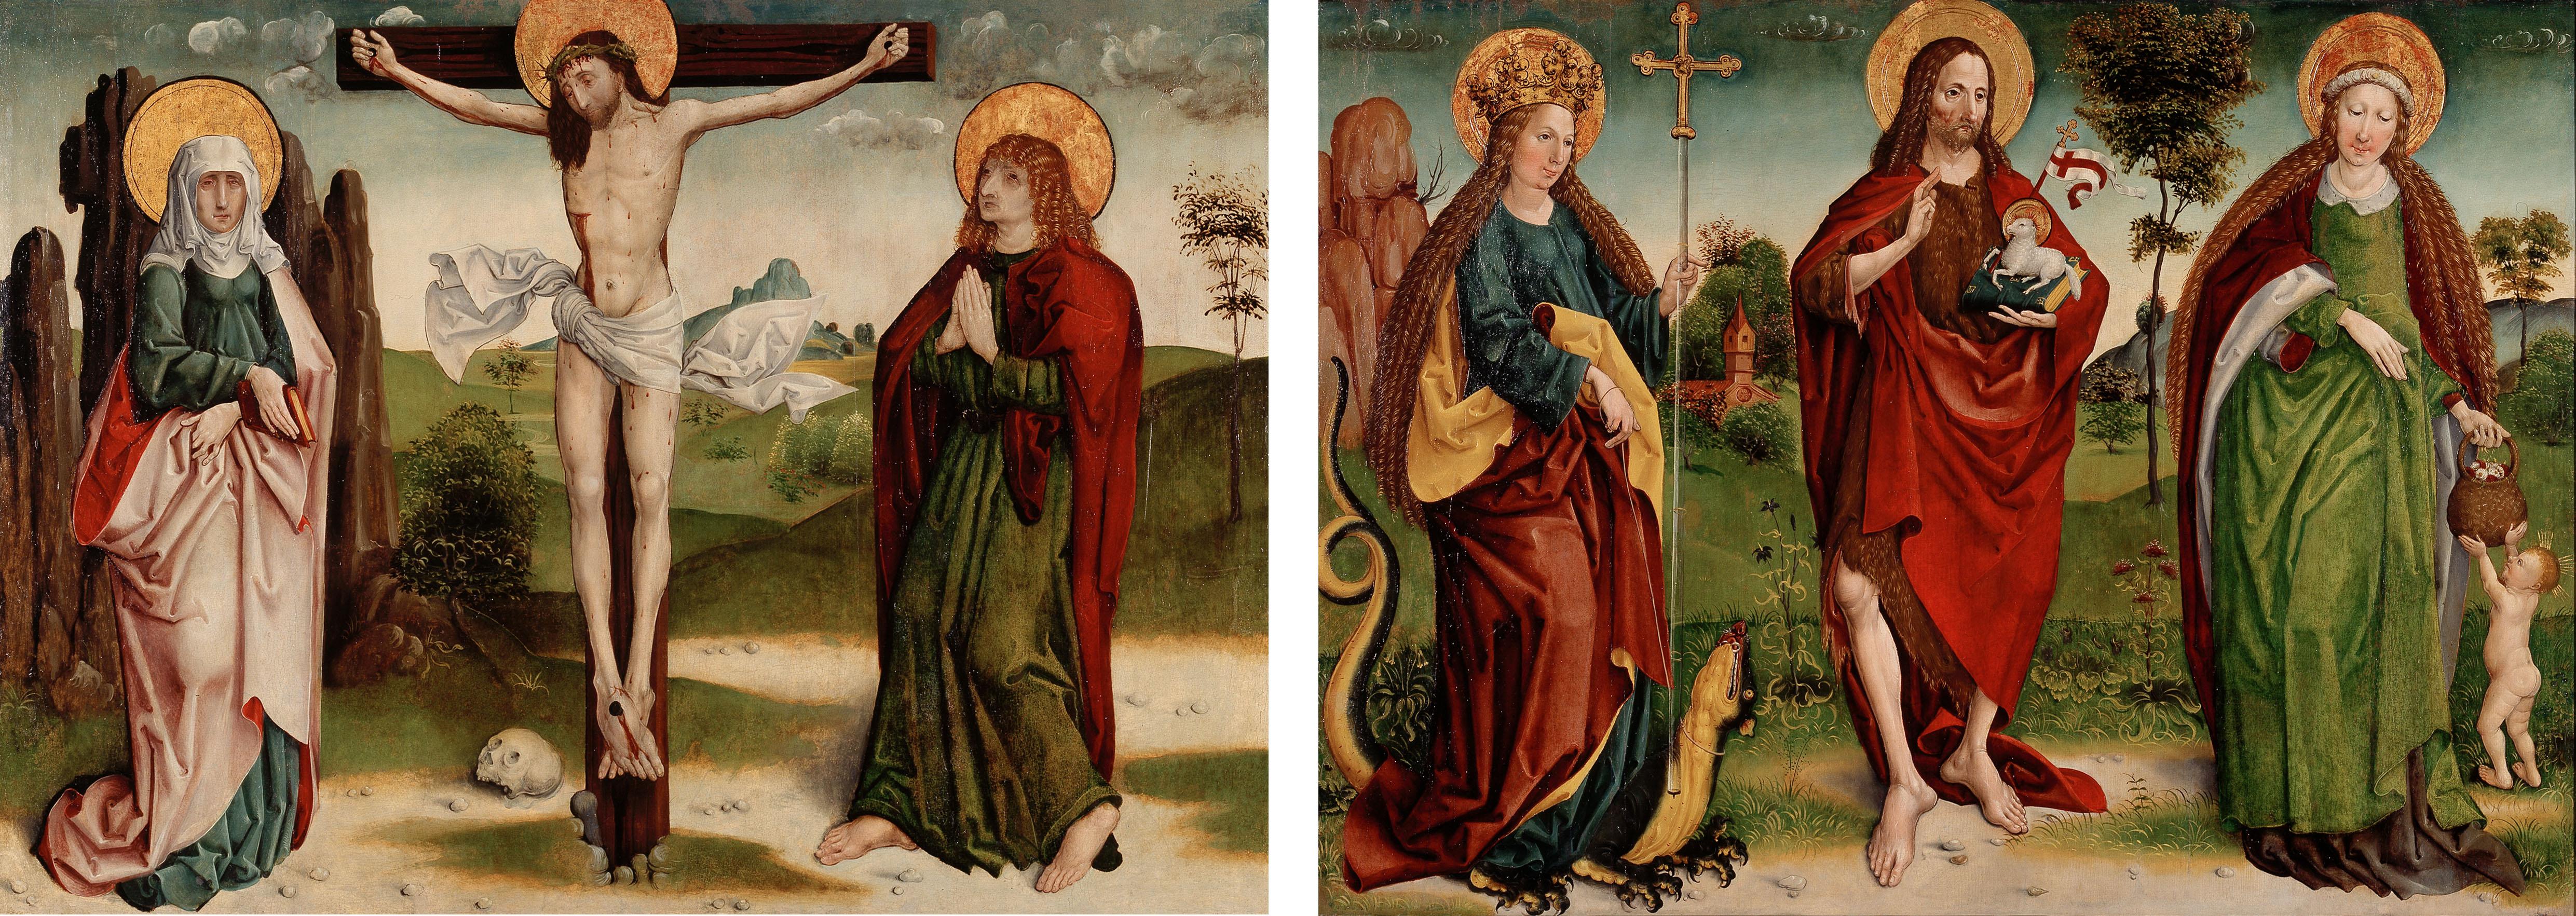 Deux panneaux d'autel peints en style gothique tardif. Sur chacun d'eux se trouvent trois saints avec une auréole. Un homme maigre est cloué à une croix sur une photo, le même homme avec une robe rouge se tient au milieu dans l'autre.